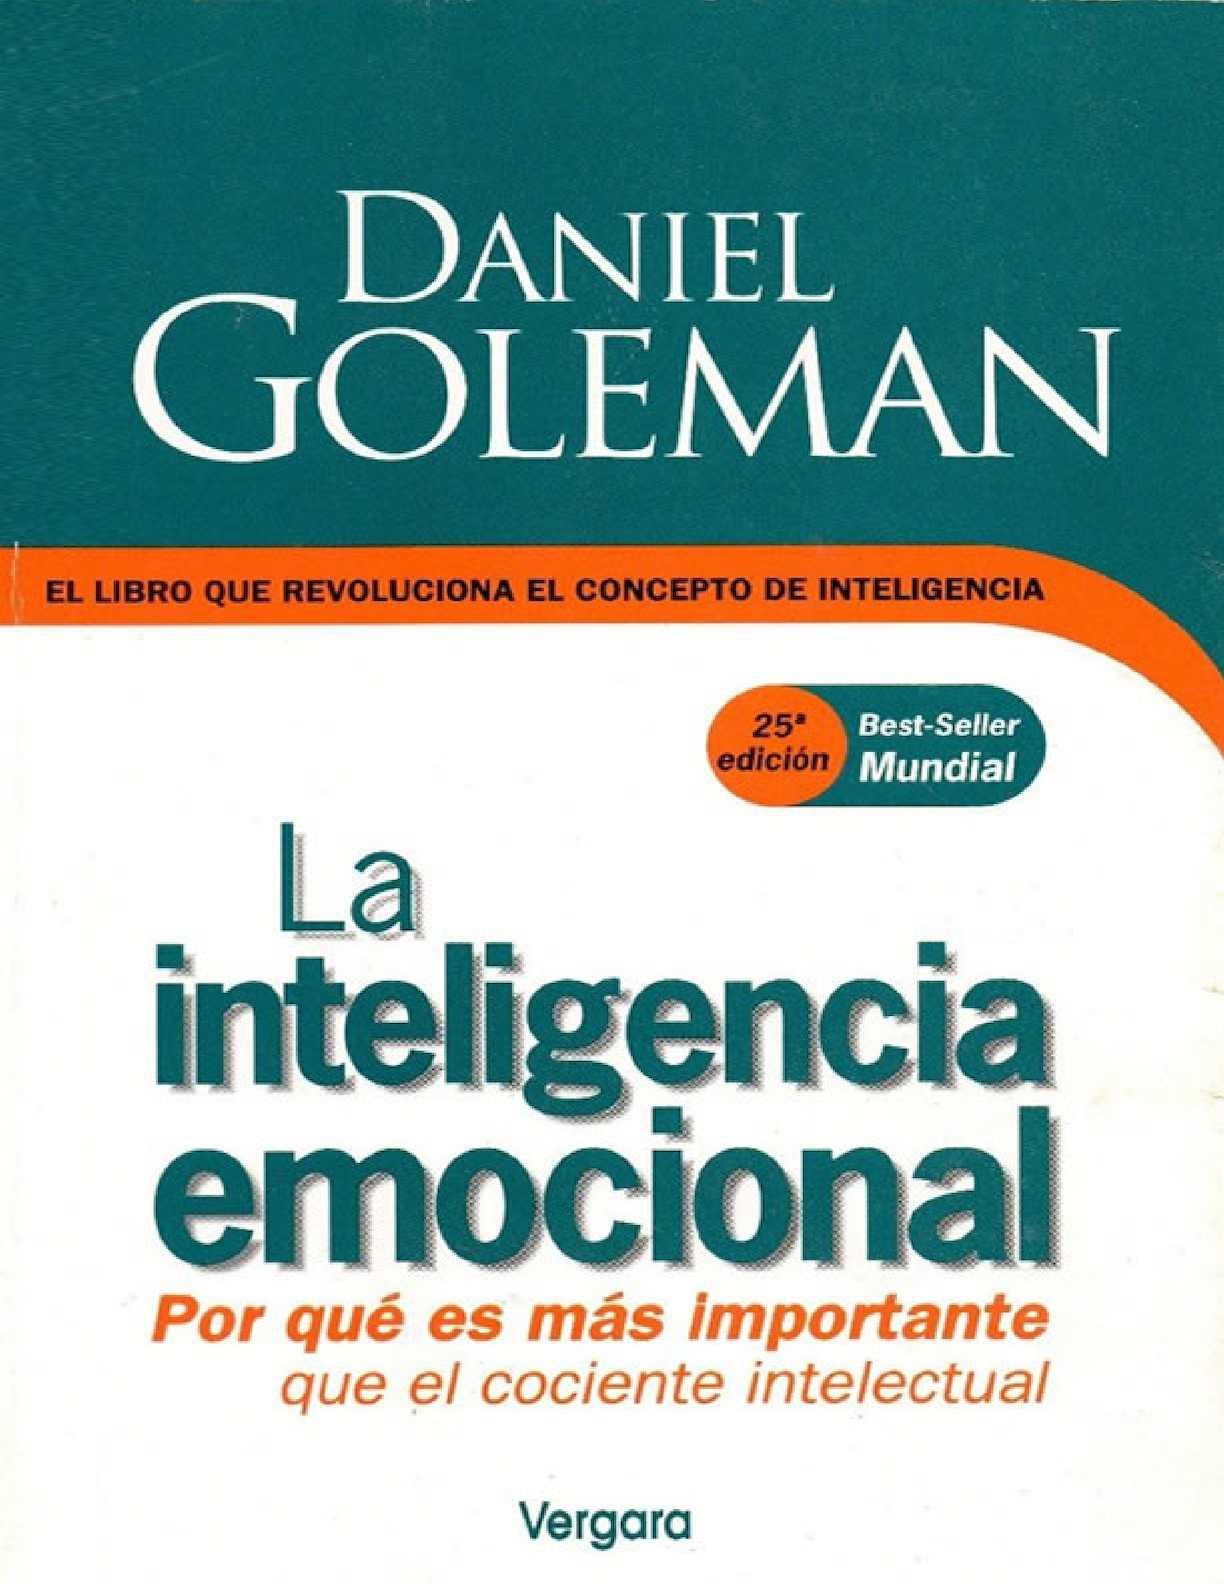 Calaméo - La Inteligencia Emocional Por Daniel Goleman